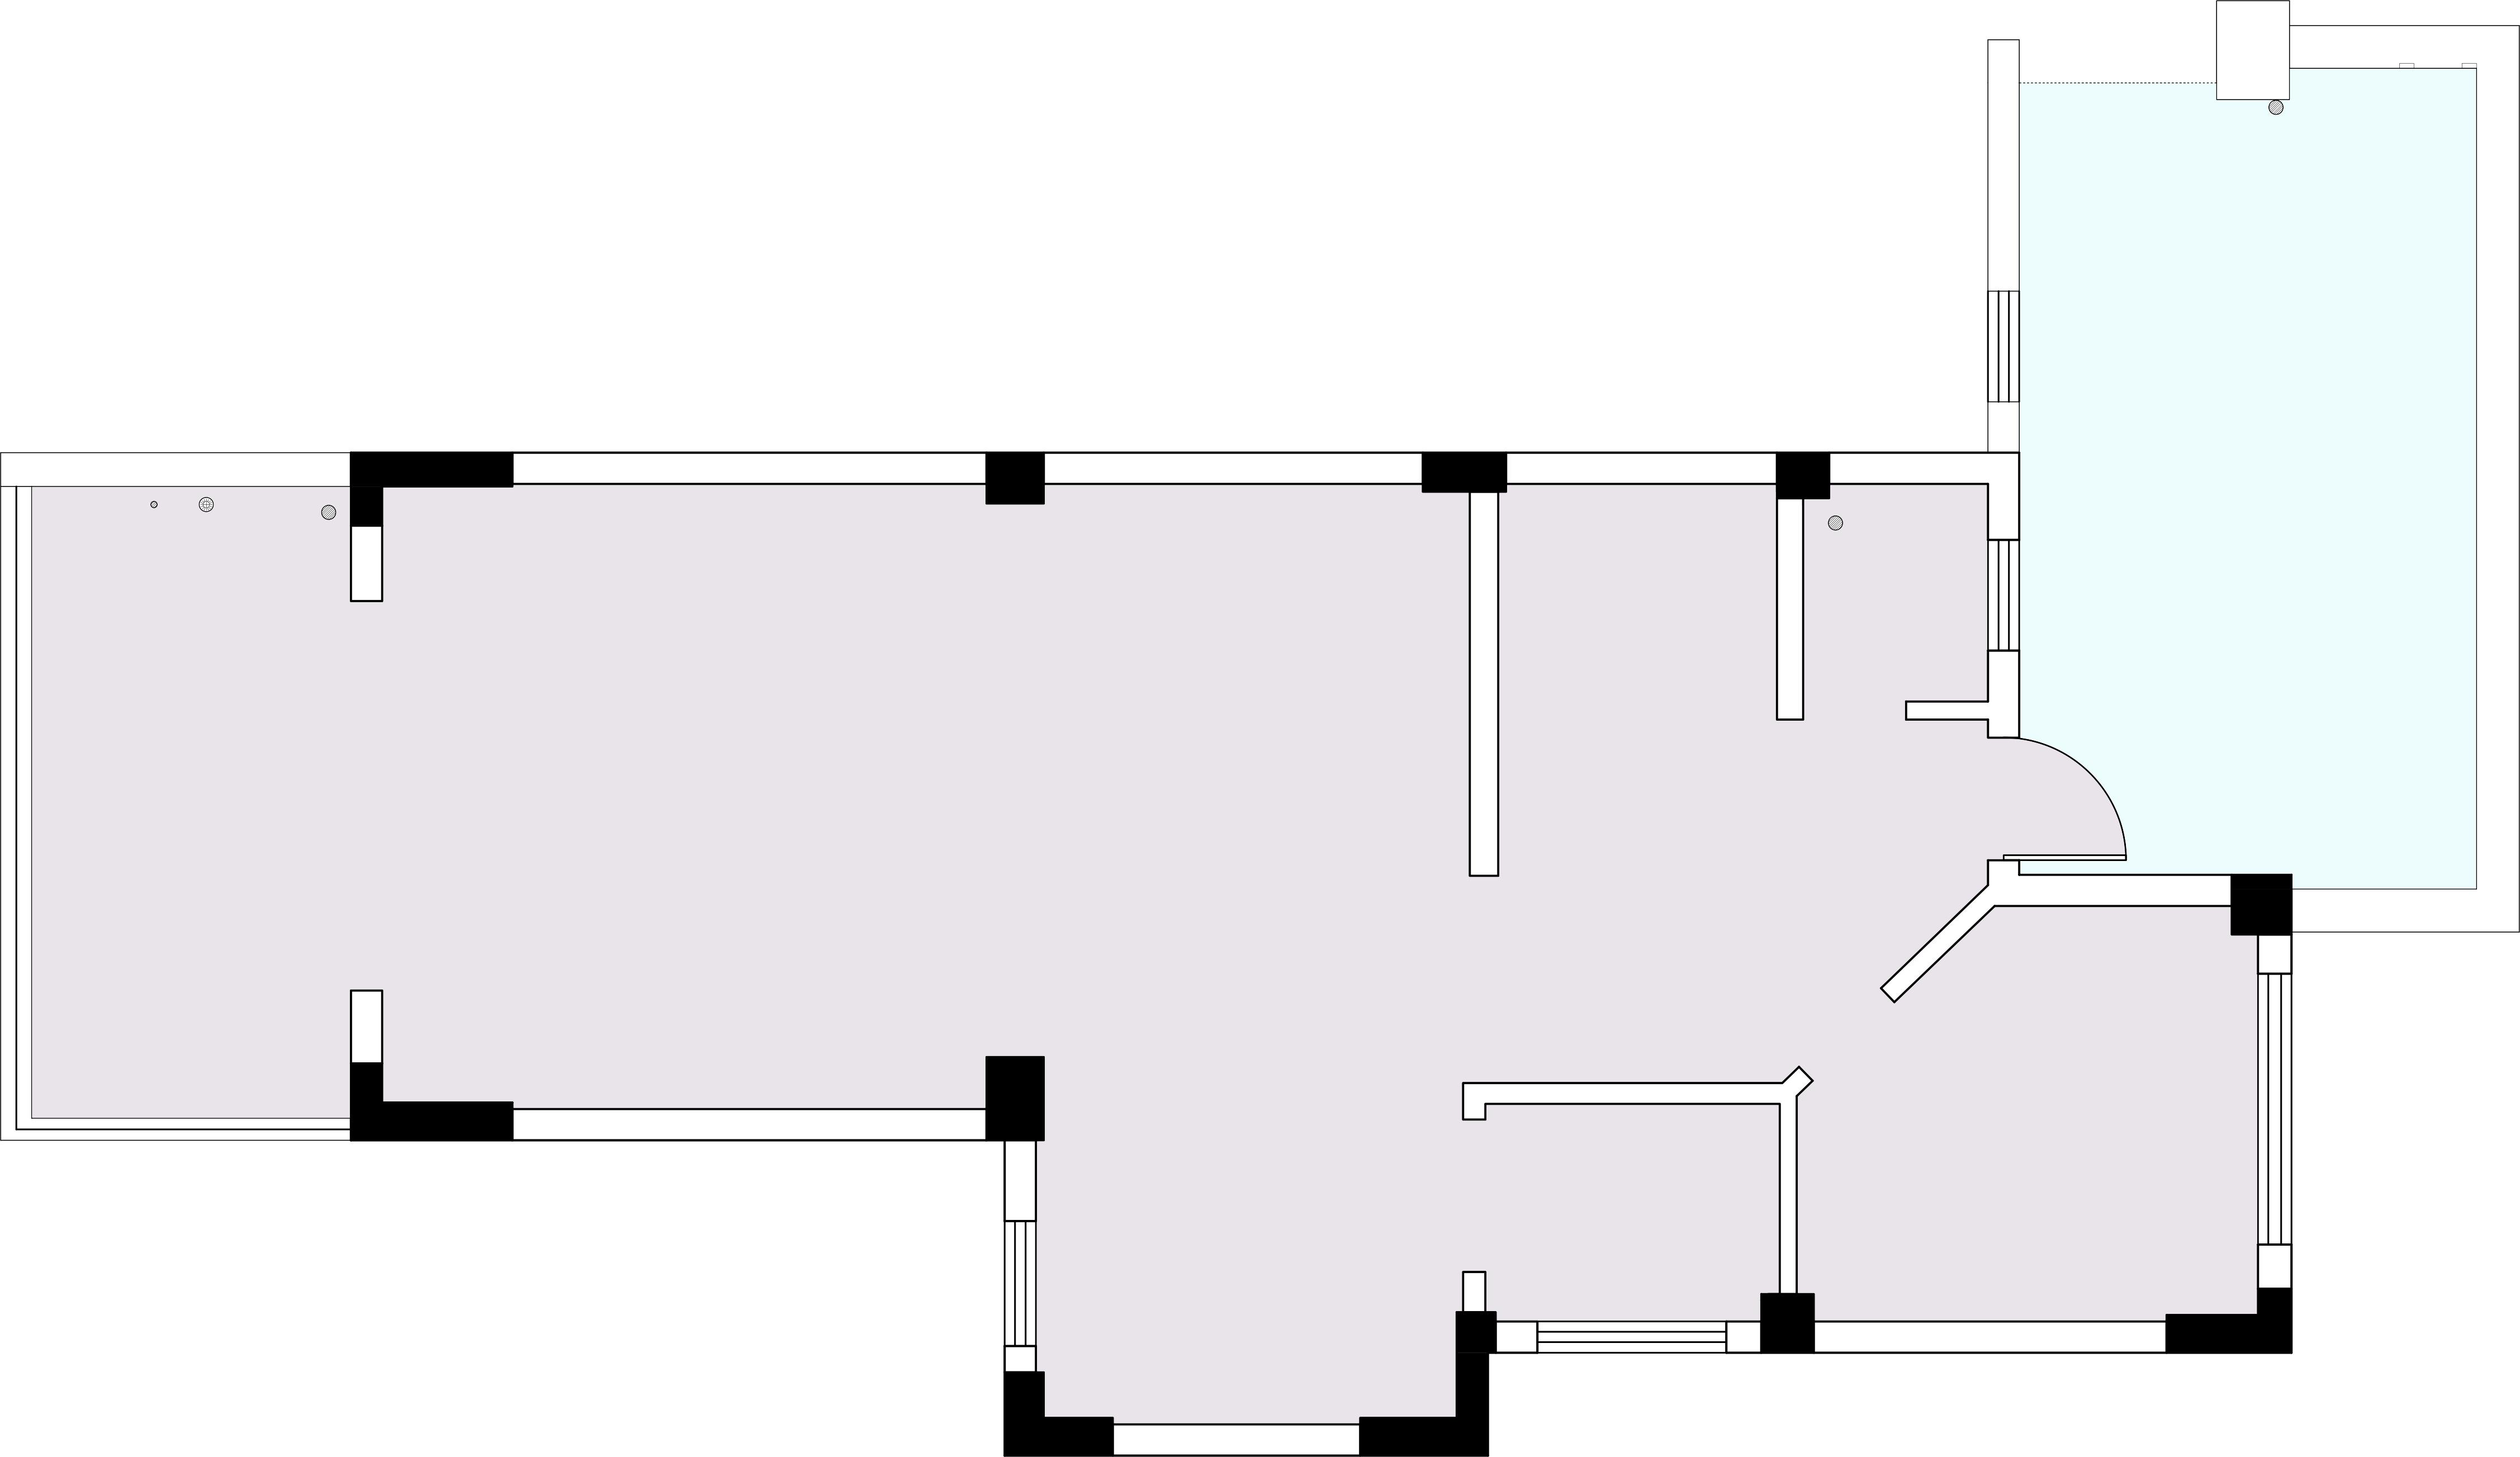 昆明临安盛世巅峰280平米新中式装修风格效果图装修设计理念